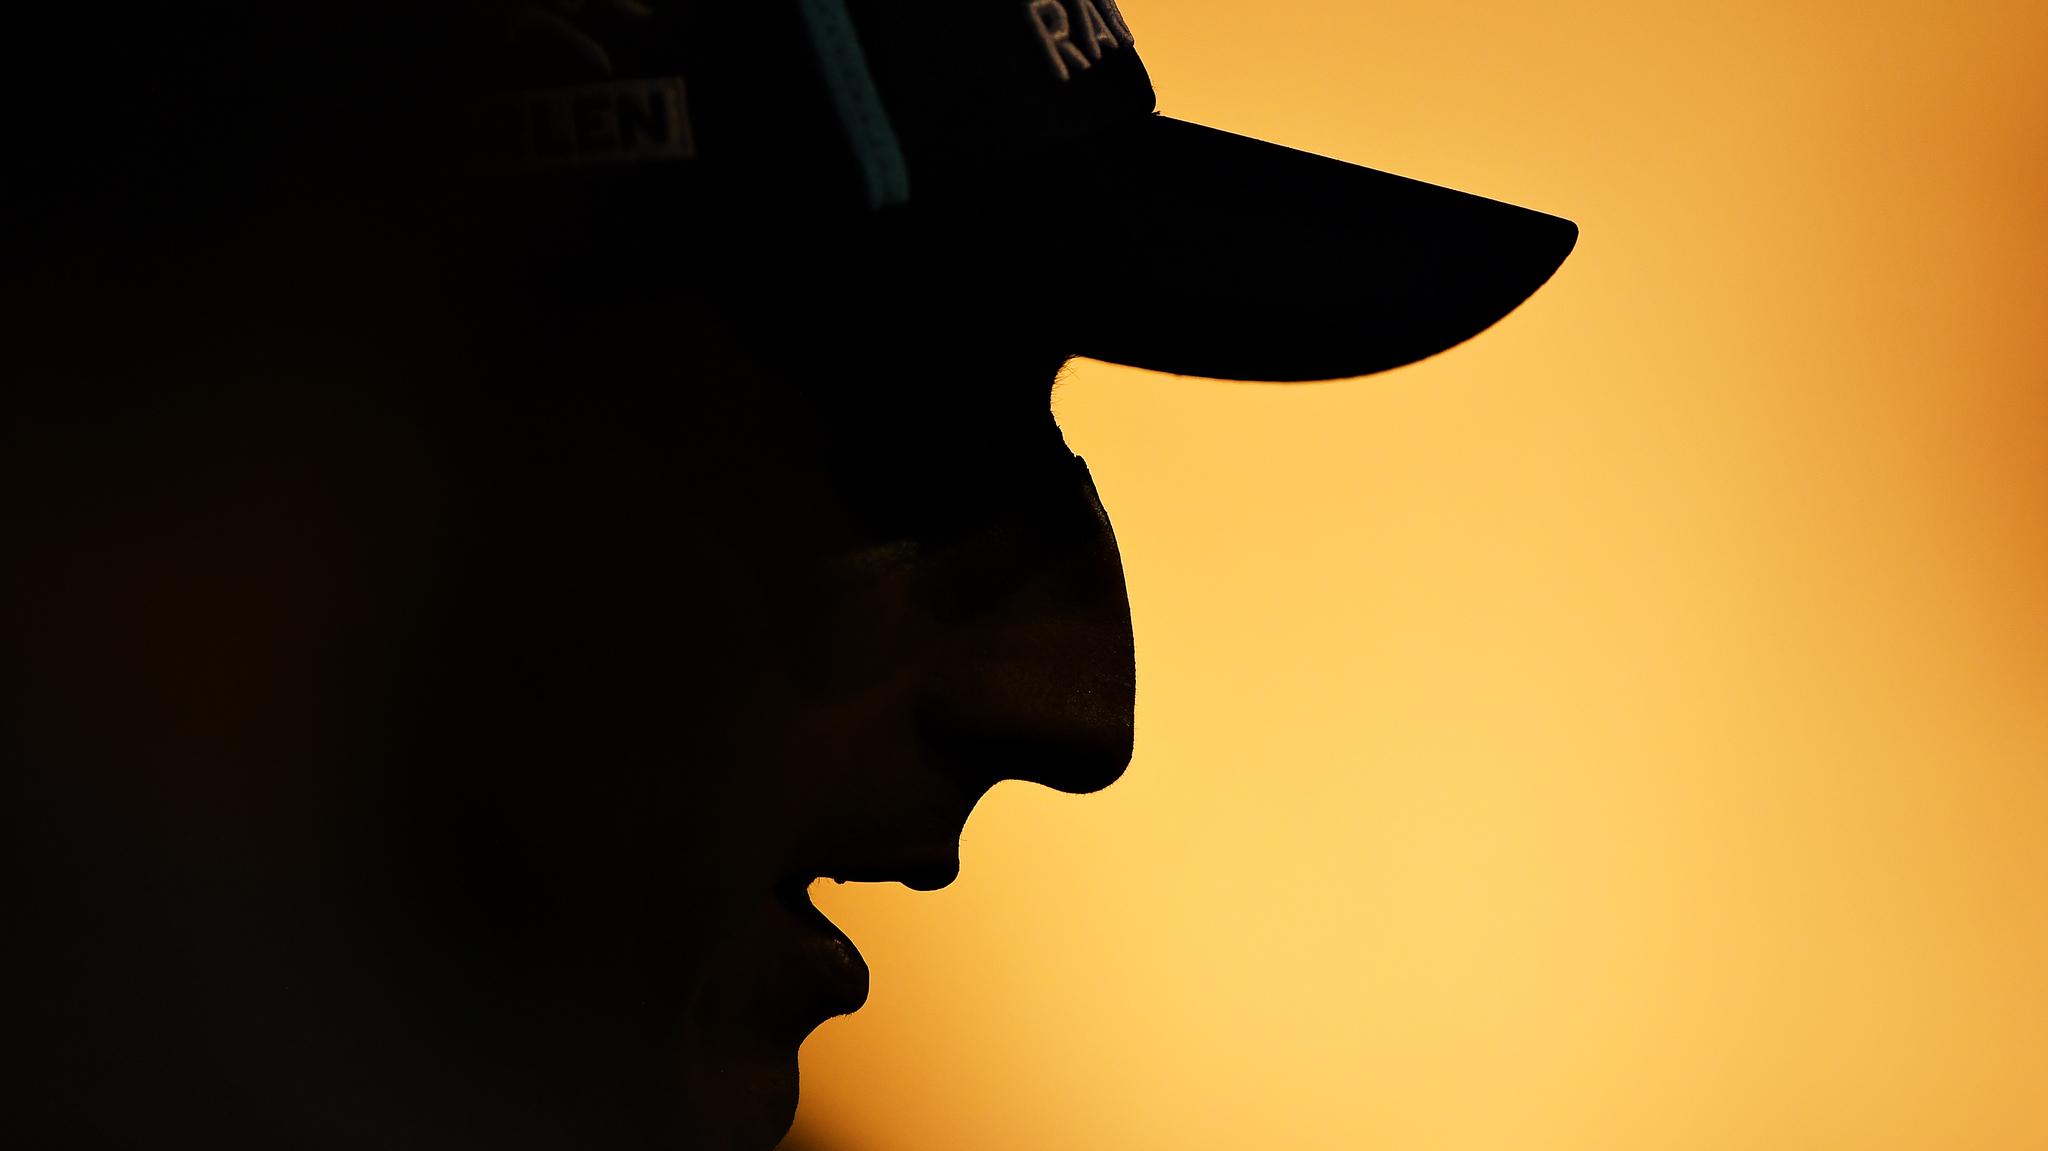 Las sonrojantes cifras que pusieron fin a la carrera de Kubica en la F1